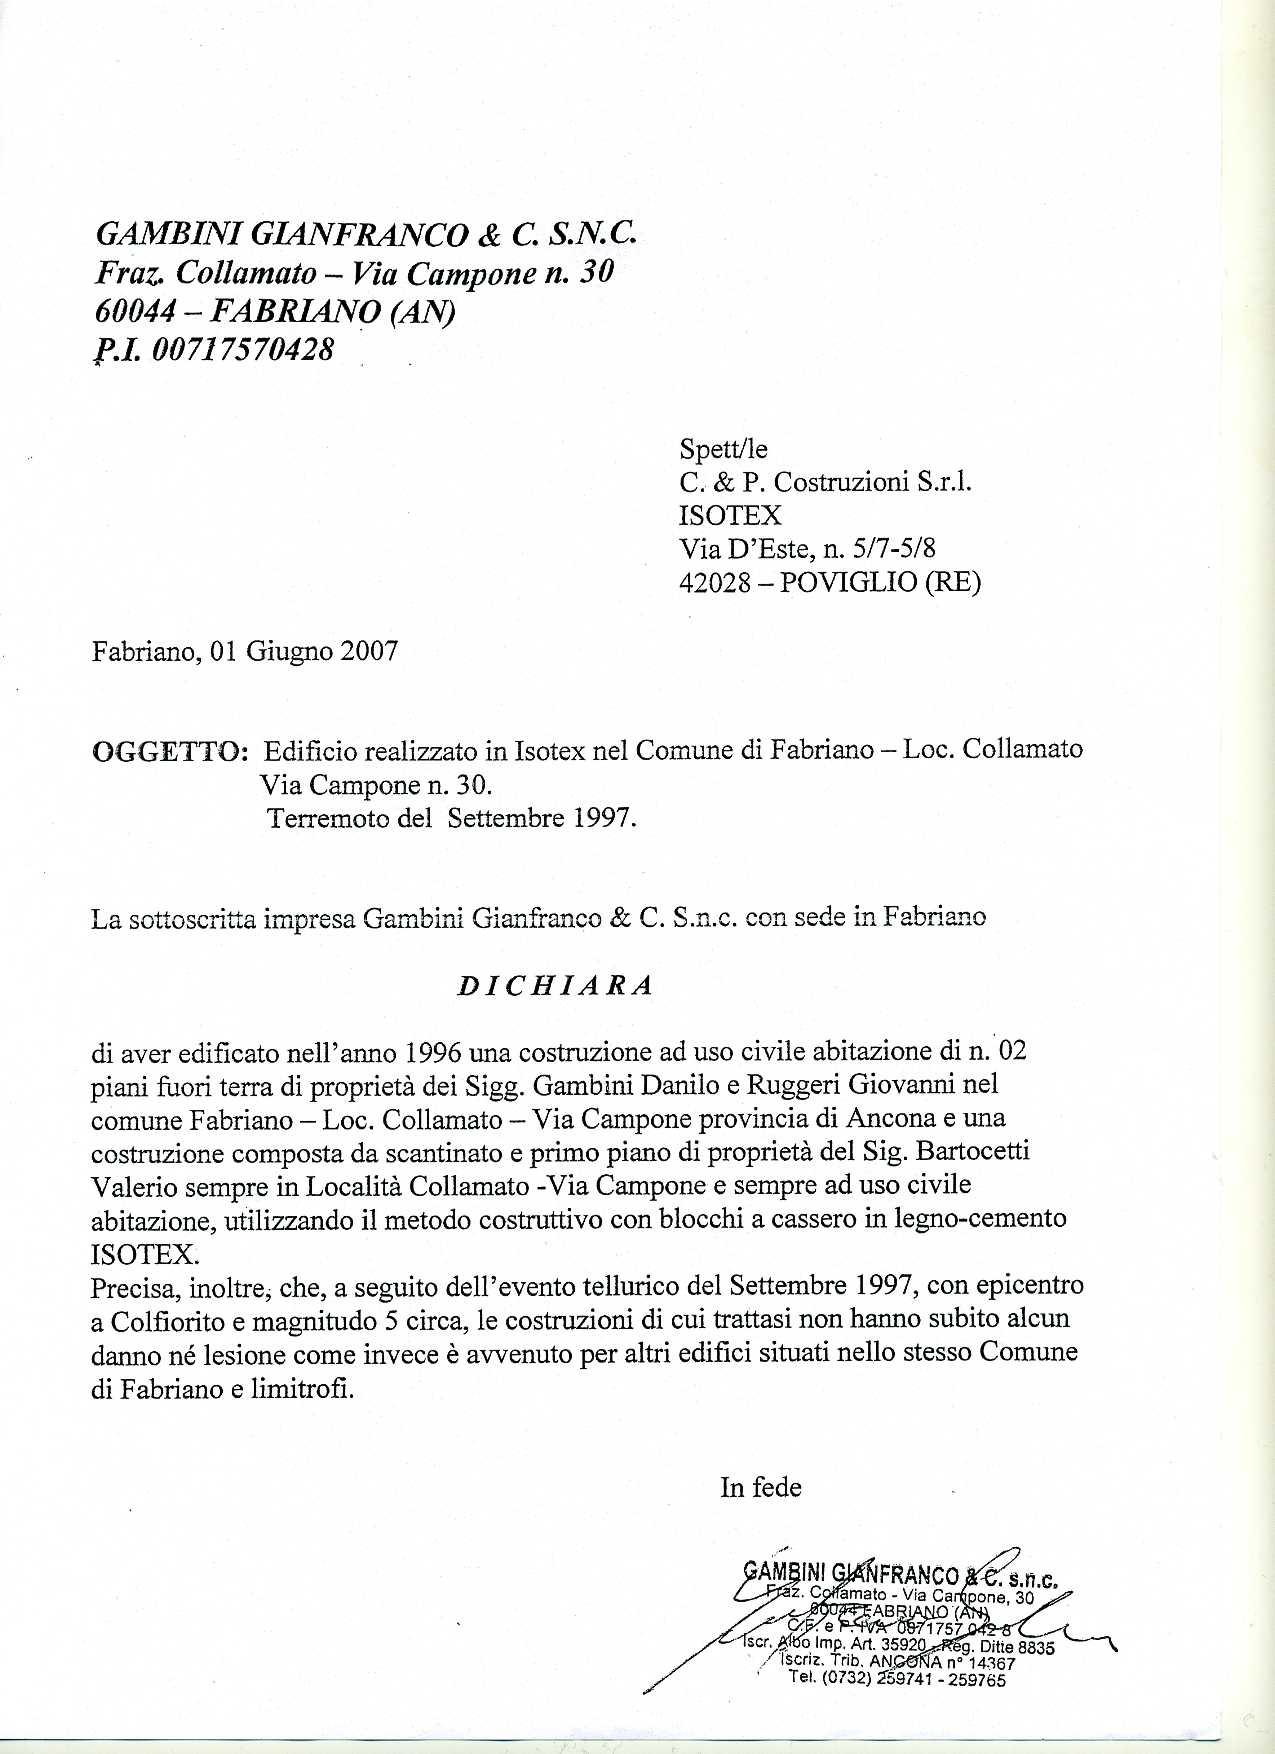 ``La société Gambini Gianfranco, soussignée, déclare qu